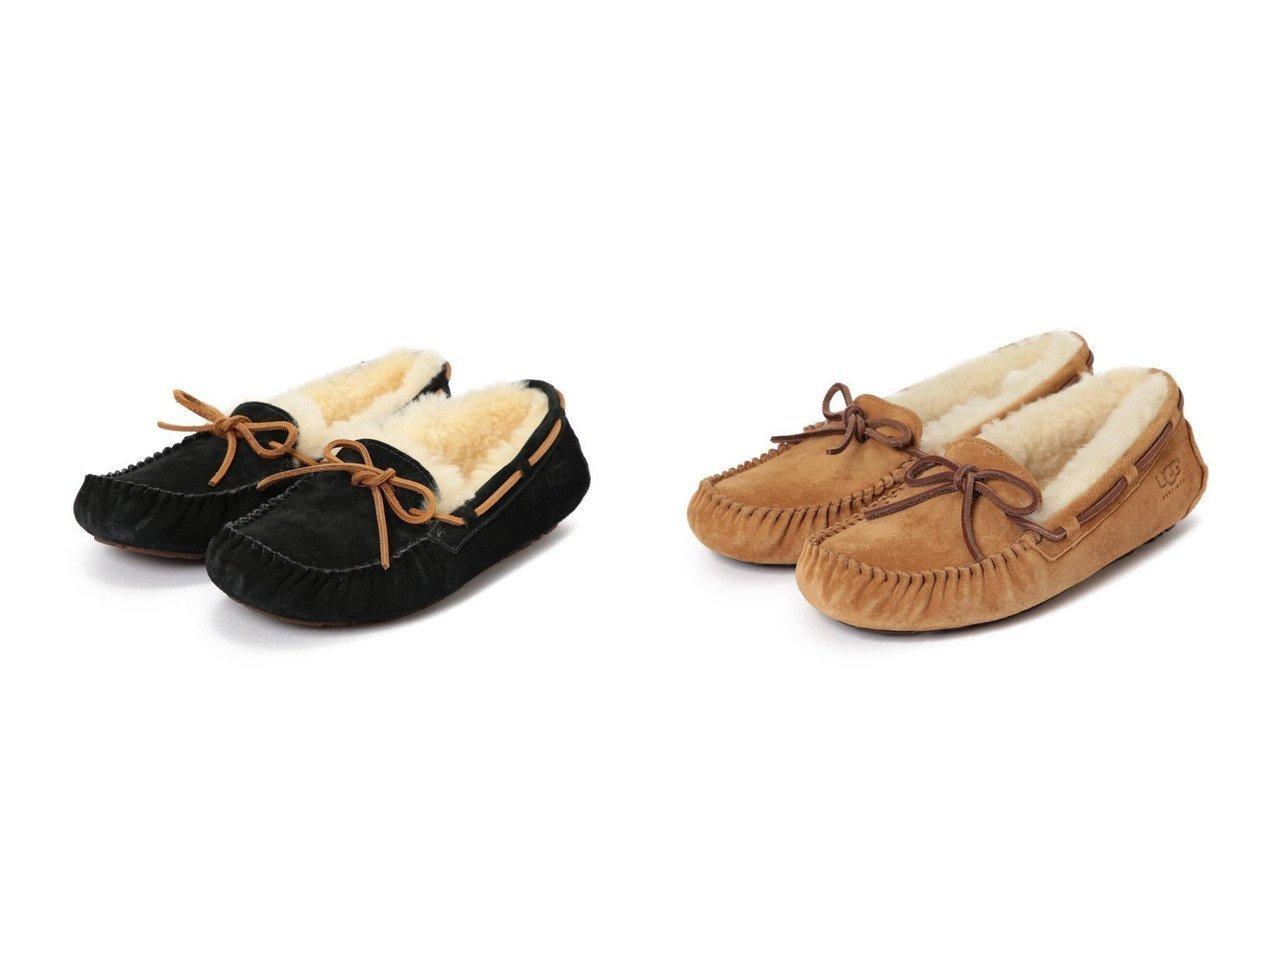 【Ray BEAMS/レイ ビームス】のDakota モカシン シューズ・靴のおすすめ!人気、トレンド・レディースファッションの通販 おすすめで人気の流行・トレンド、ファッションの通販商品 メンズファッション・キッズファッション・インテリア・家具・レディースファッション・服の通販 founy(ファニー) https://founy.com/ ファッション Fashion レディースファッション WOMEN インソール シューズ シンプル スエード モダン ライニング リボン |ID:crp329100000012951